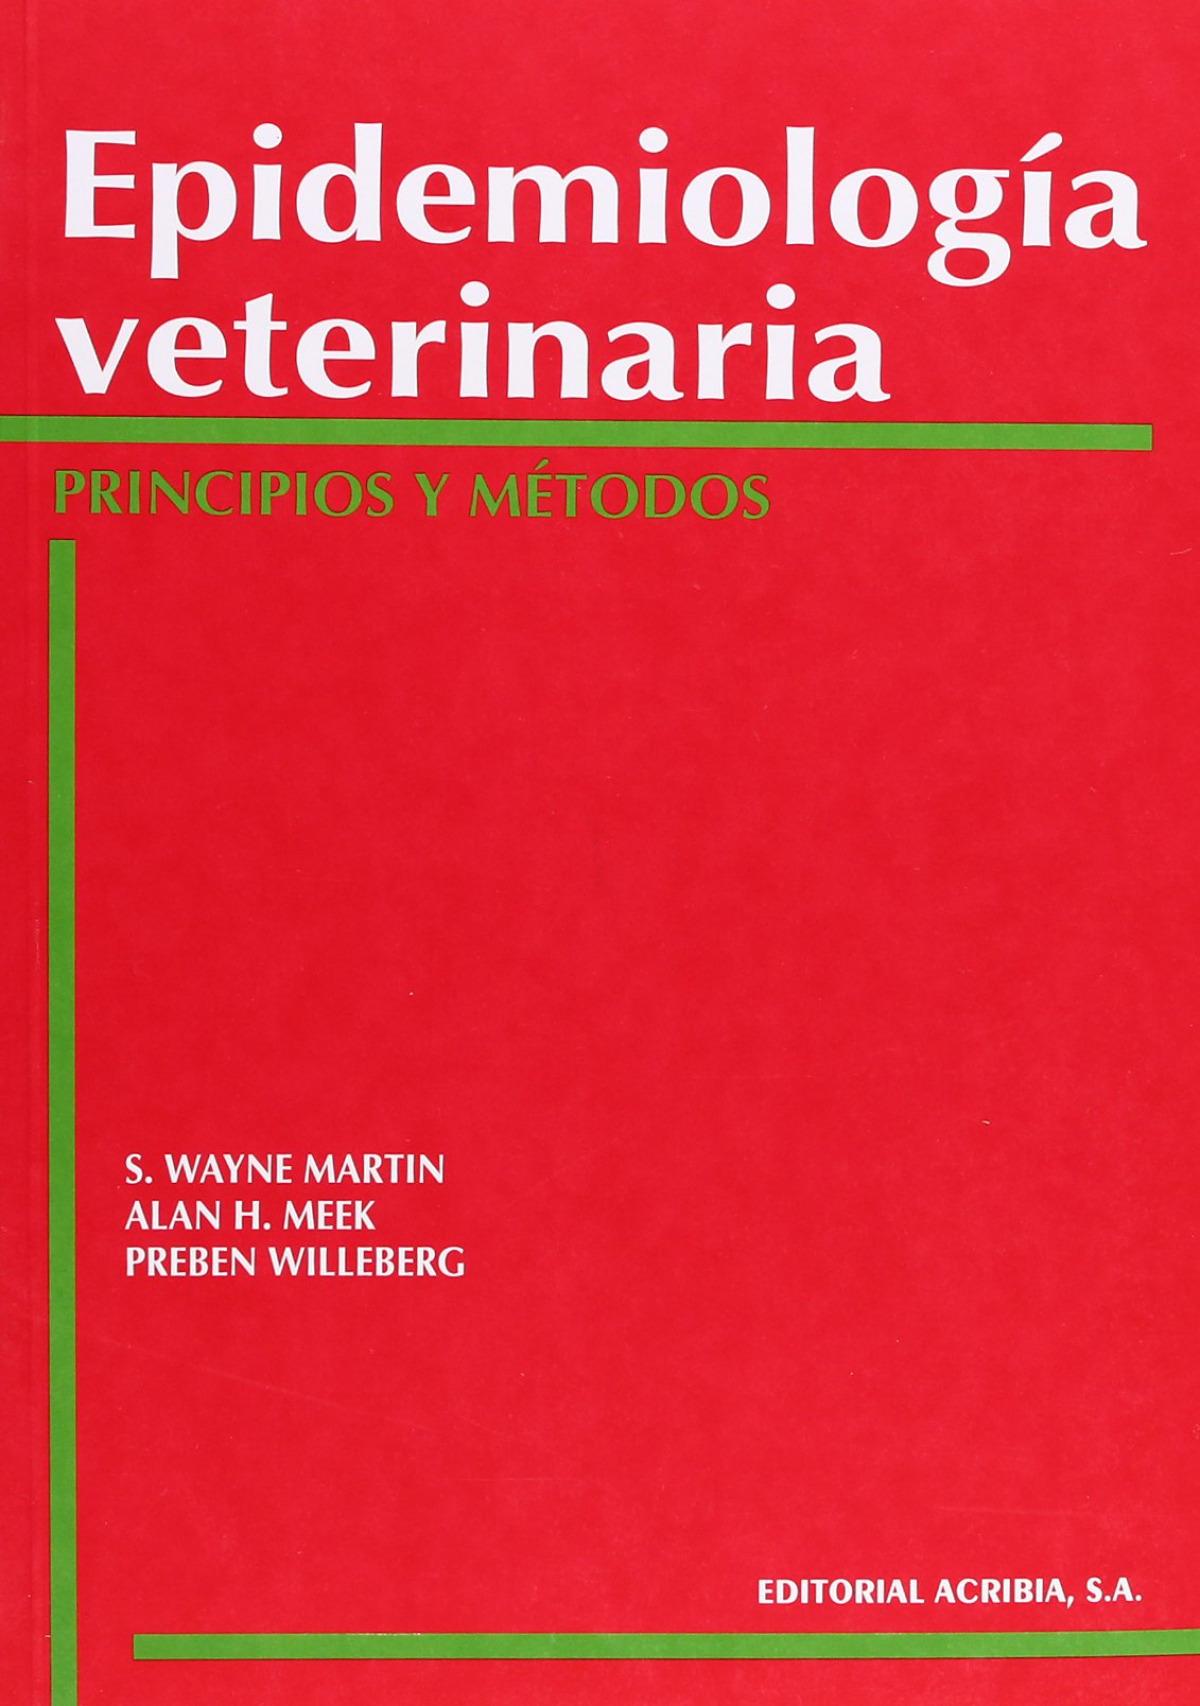 EPIDEMIOLOGÍA VETERINARIA: PRINCIPIOS/MÉTODOS